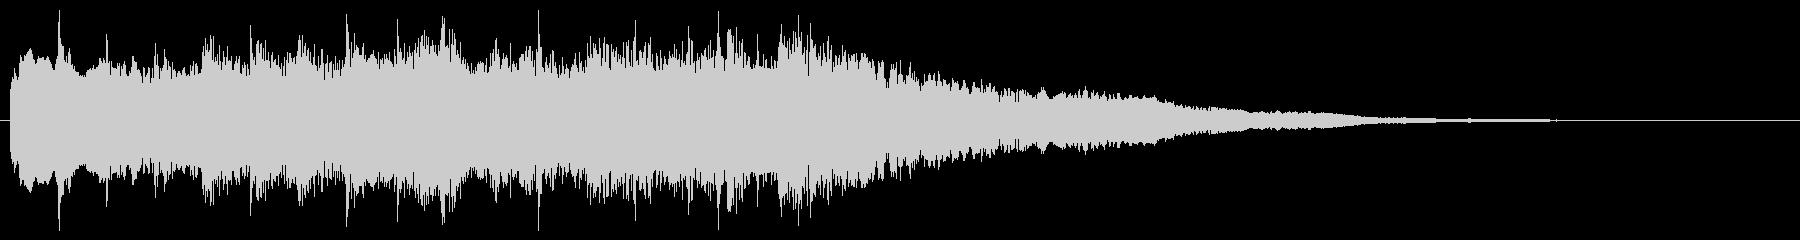 冷たく澄んだ響きの転回音 場面転換 切替の未再生の波形